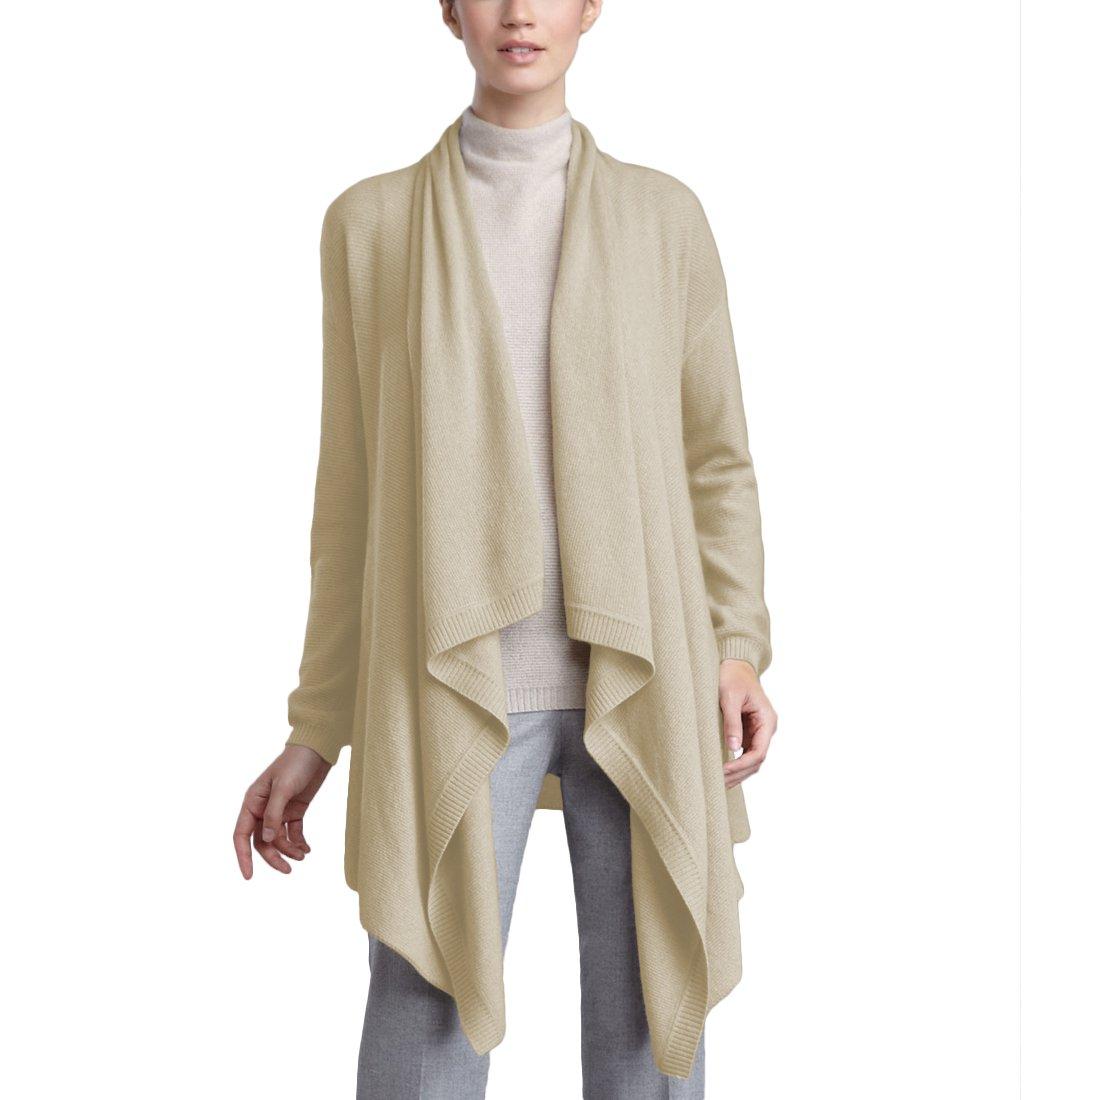 Parisbonbon Women's 100% Cashmere Shawl Collar Cardigan Color Beige Size XS by Parisbonbon